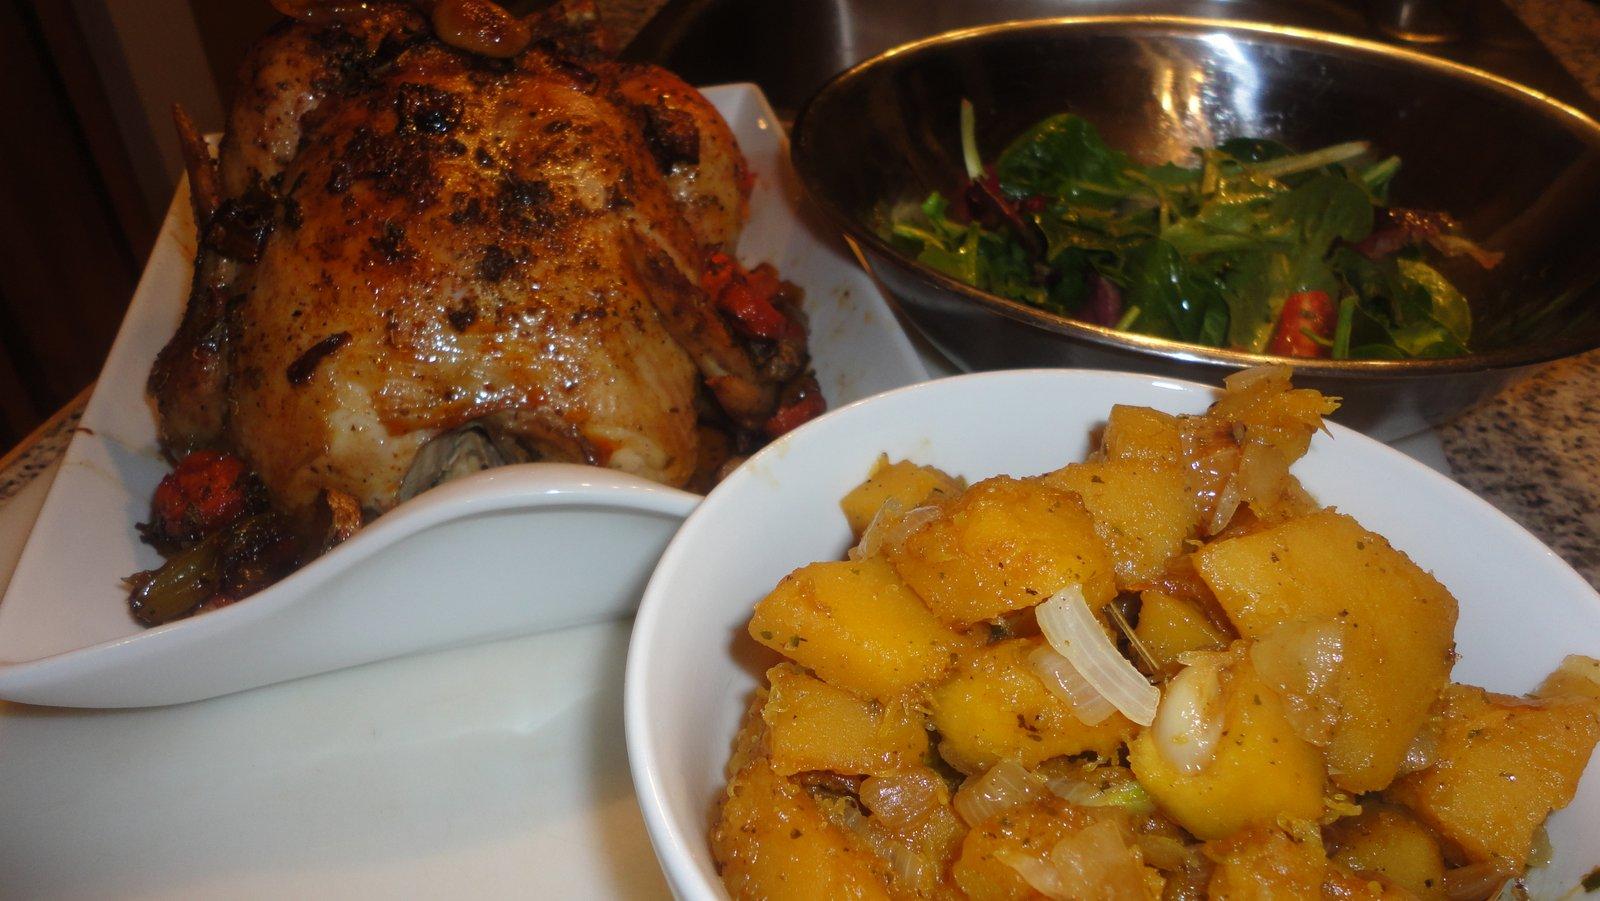 Ginger Garlic Roasted Chicken